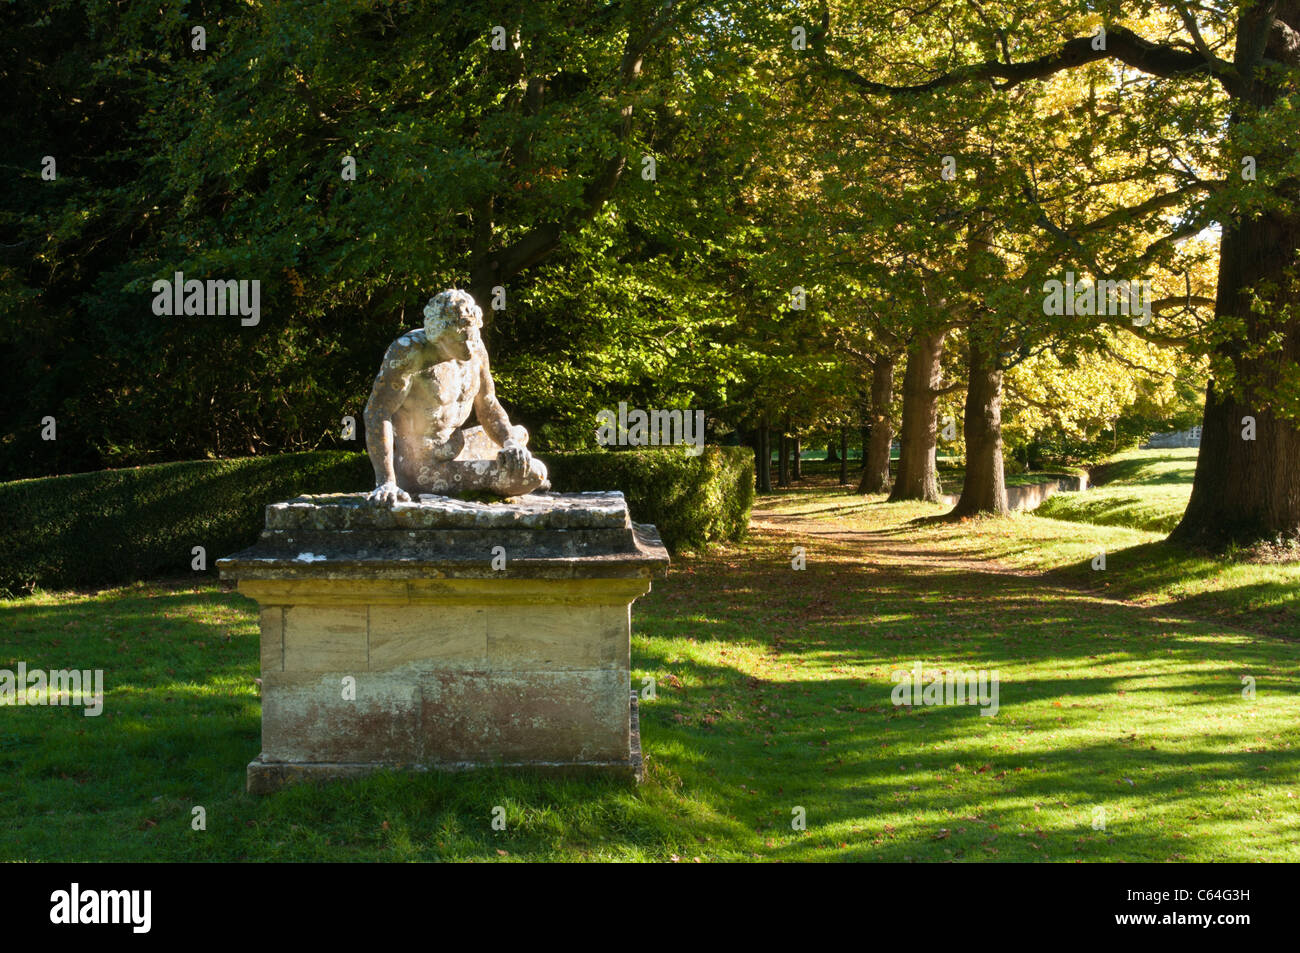 Scheemaker della statua del morente Gladiator si siede accanto a un viale di maturi alberi di quercia a Rousham Immagini Stock